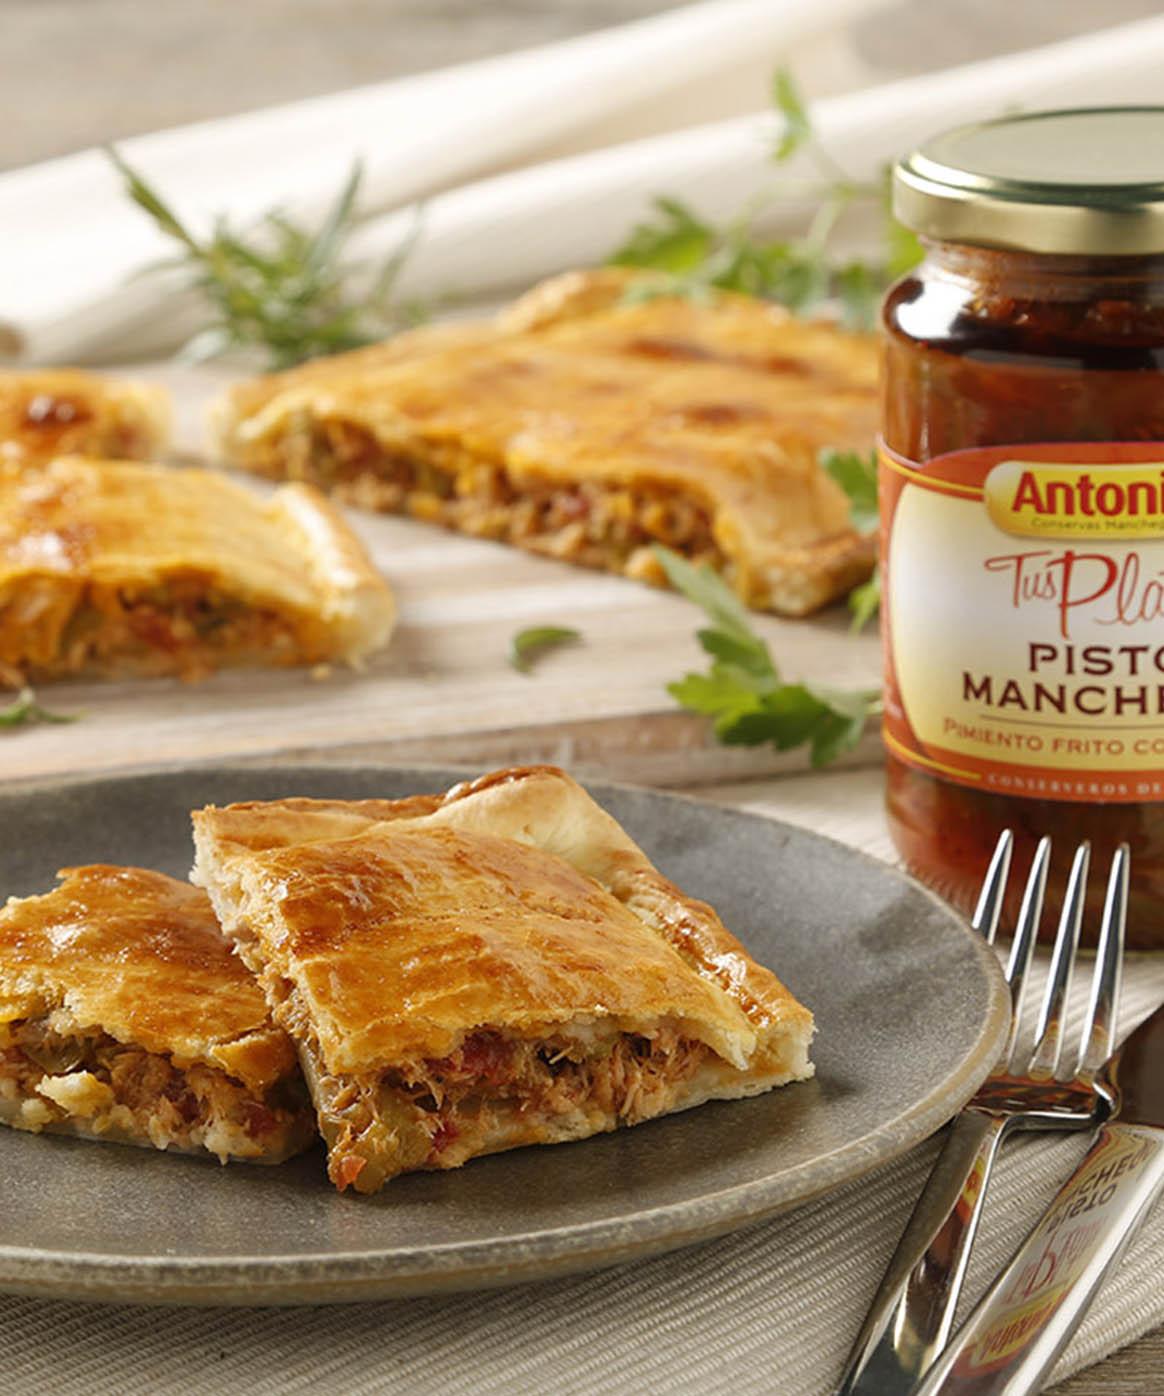 https://www.conservasantonio.com/es/recetas/empanada-de-pisto-manchego/